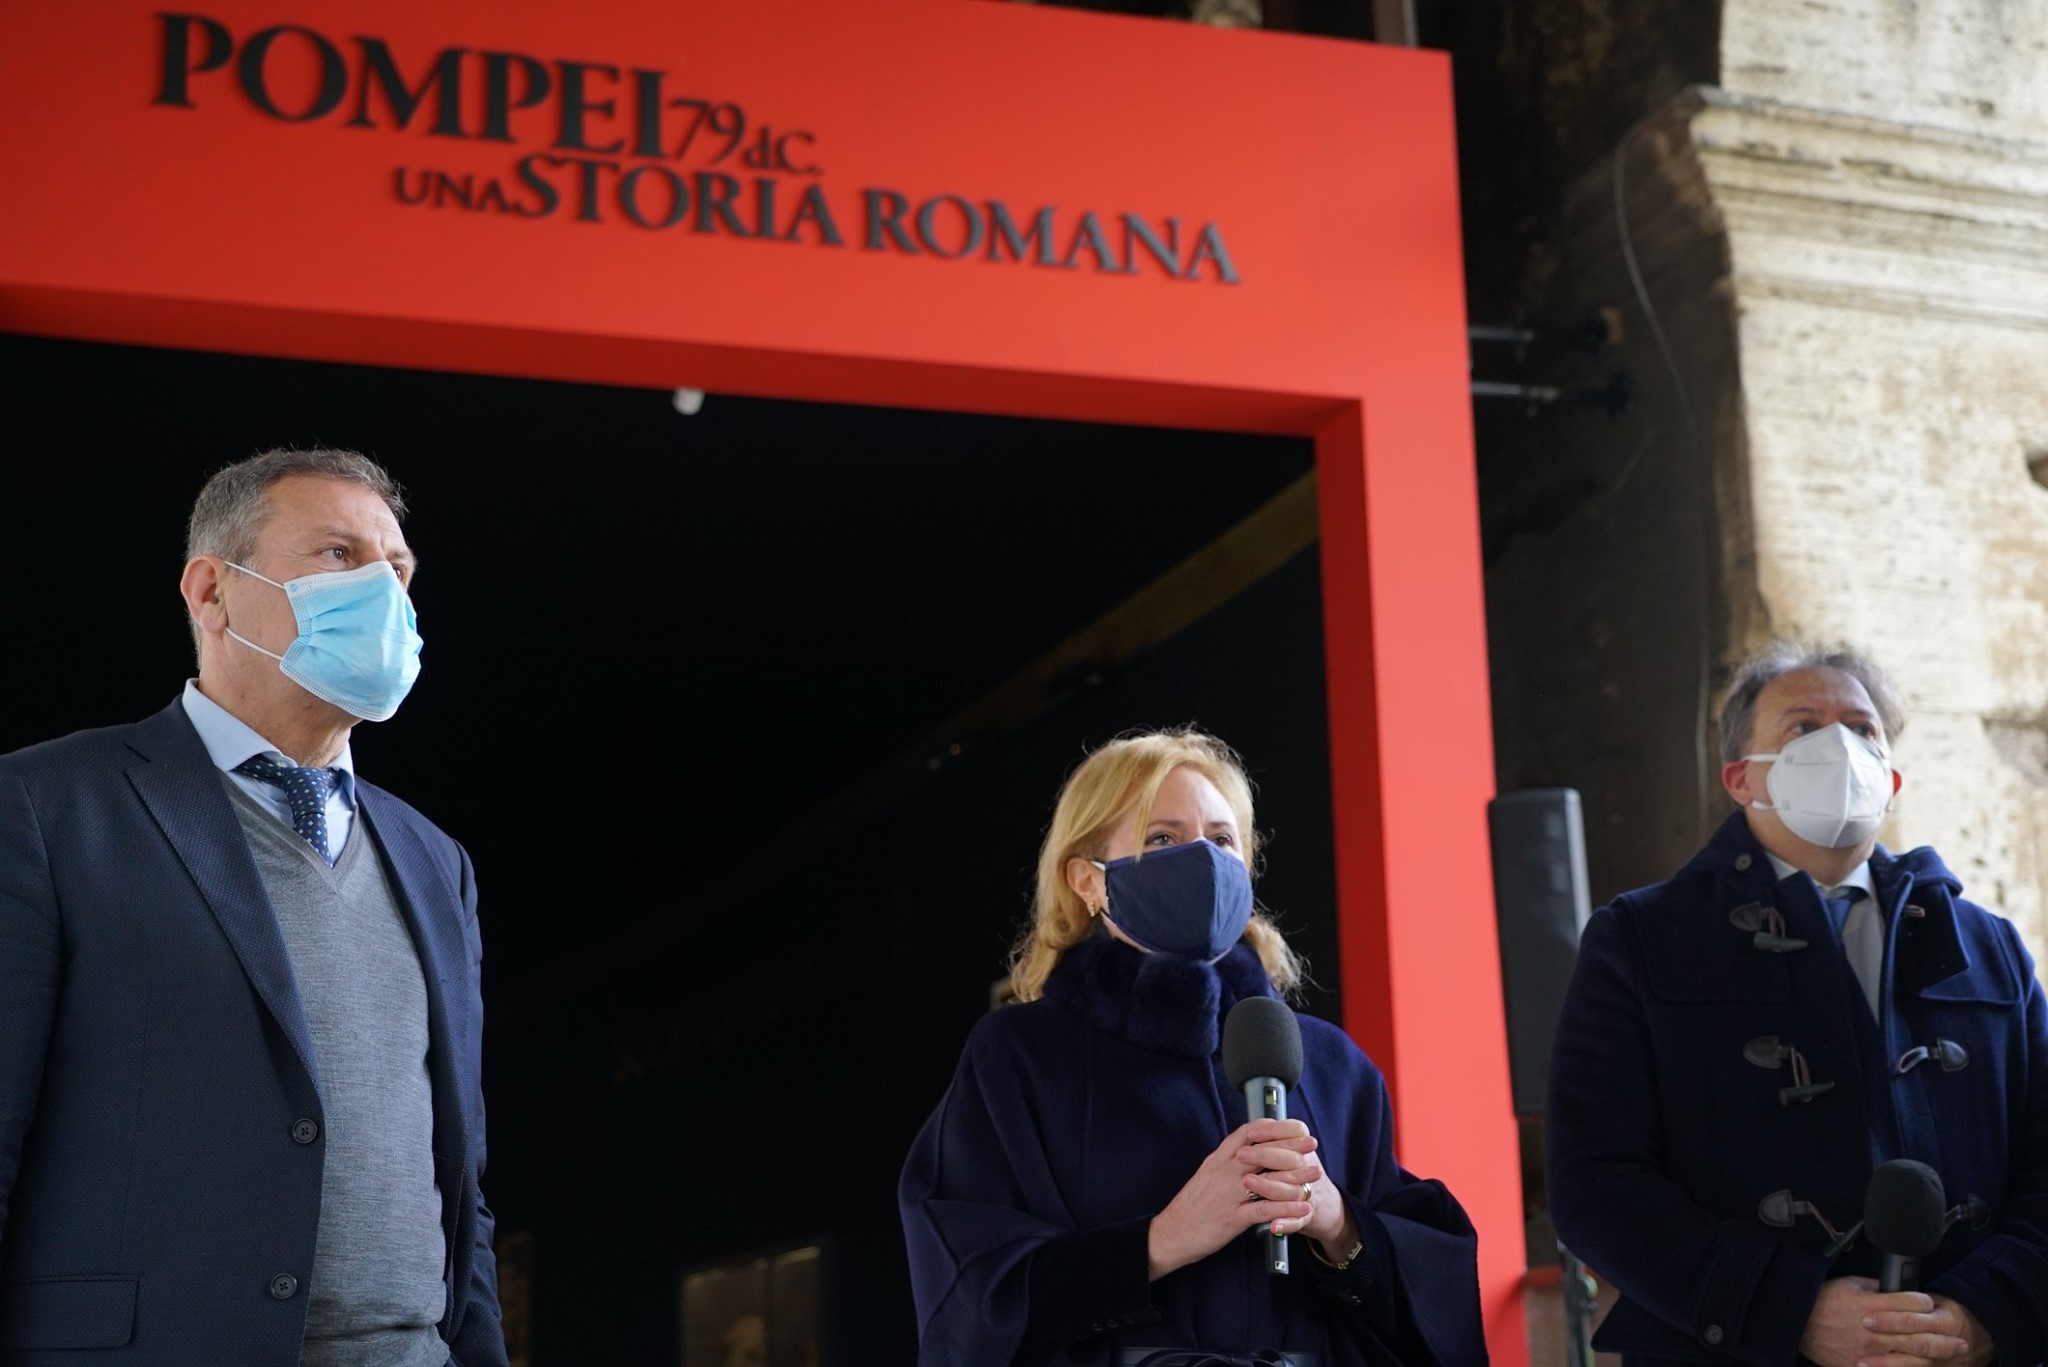 roma_colosseo_mostra-pompei_inaugurazione_osanna-russo-giulierini_foto-PArCo